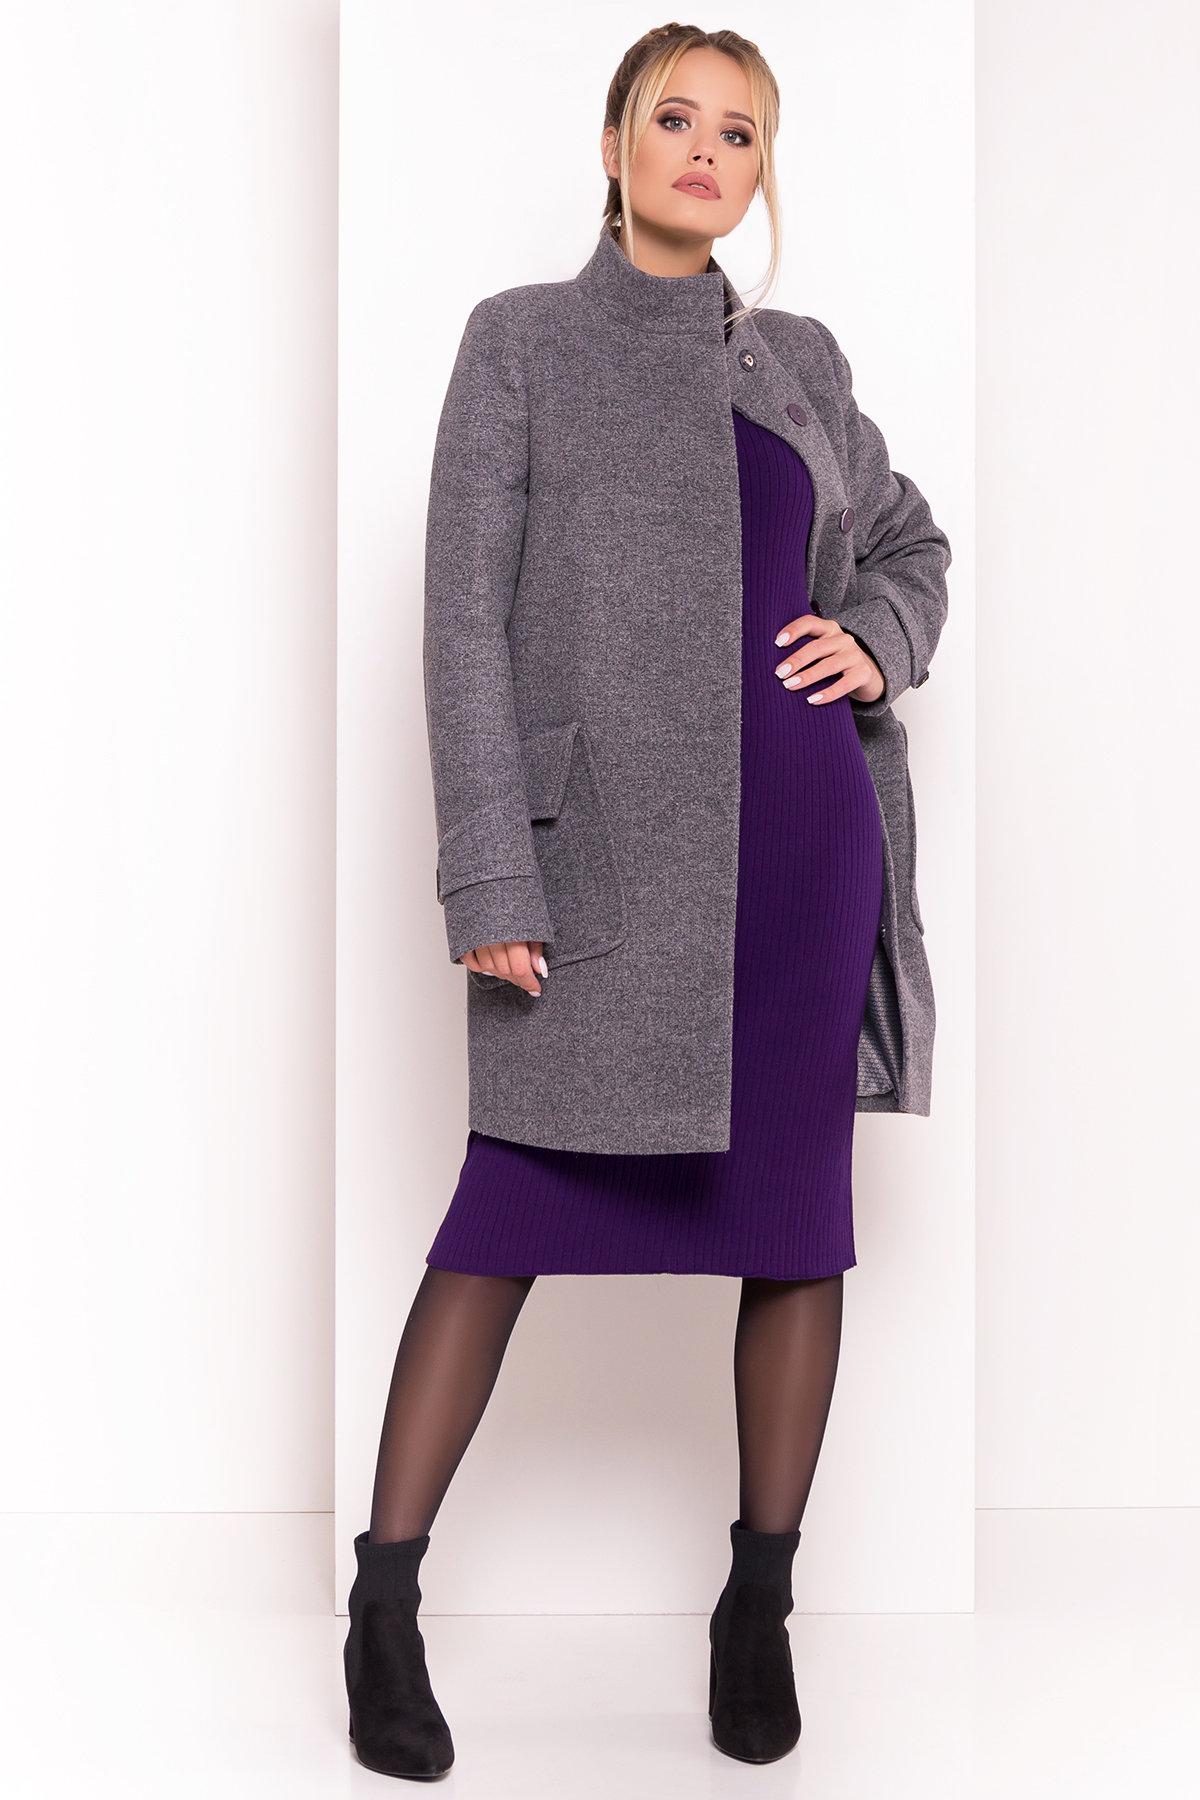 Демисезонное пальто с воротником стойка Эста 5417 АРТ. 36666 Цвет: Серый Темный - фото 3, интернет магазин tm-modus.ru